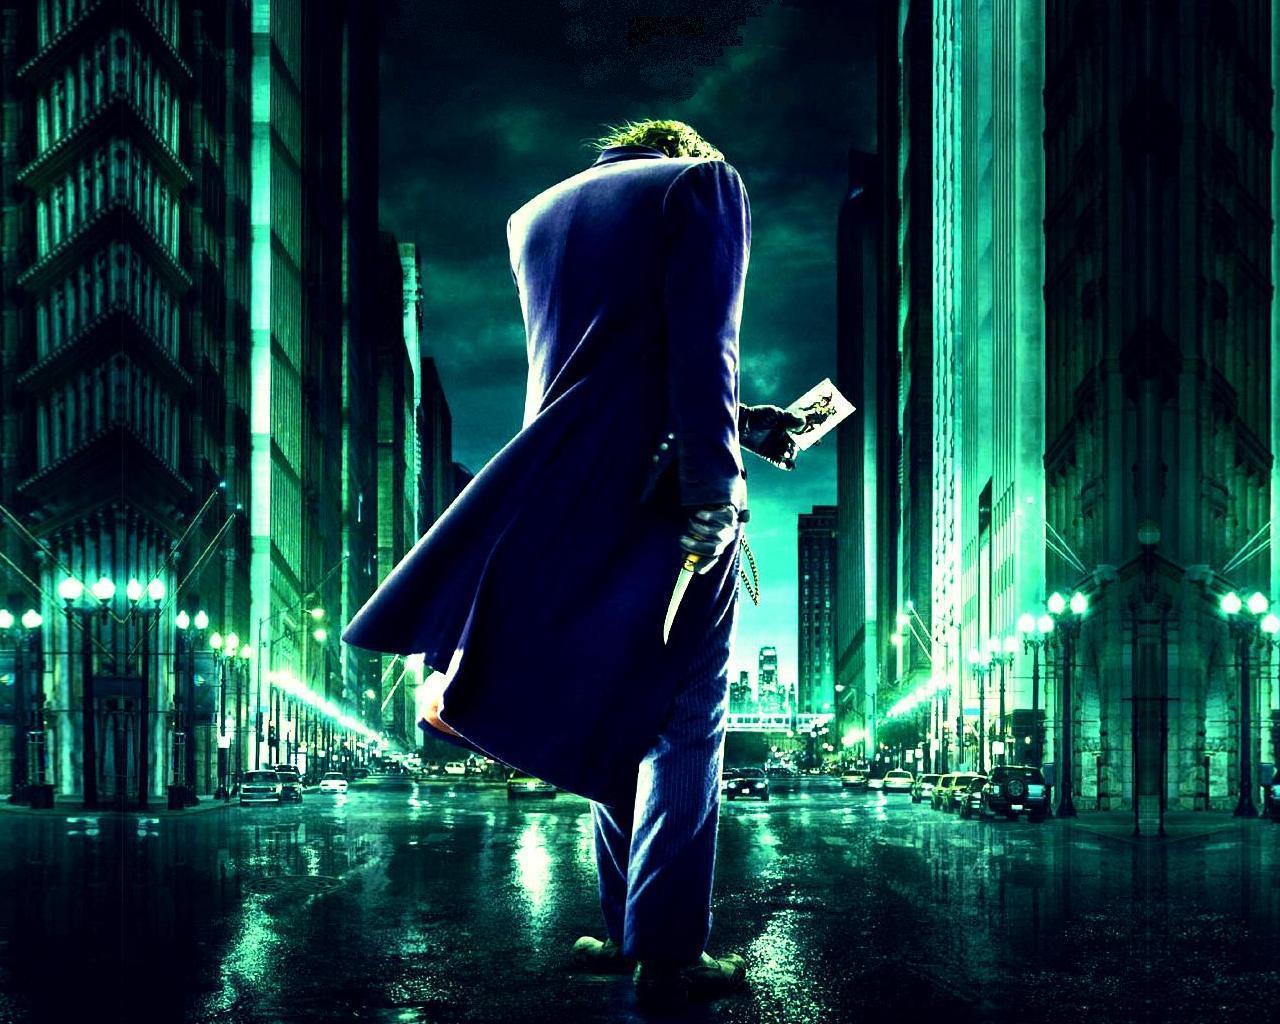 The Joker   The Joker Wallpaper 1457747 1280x1024